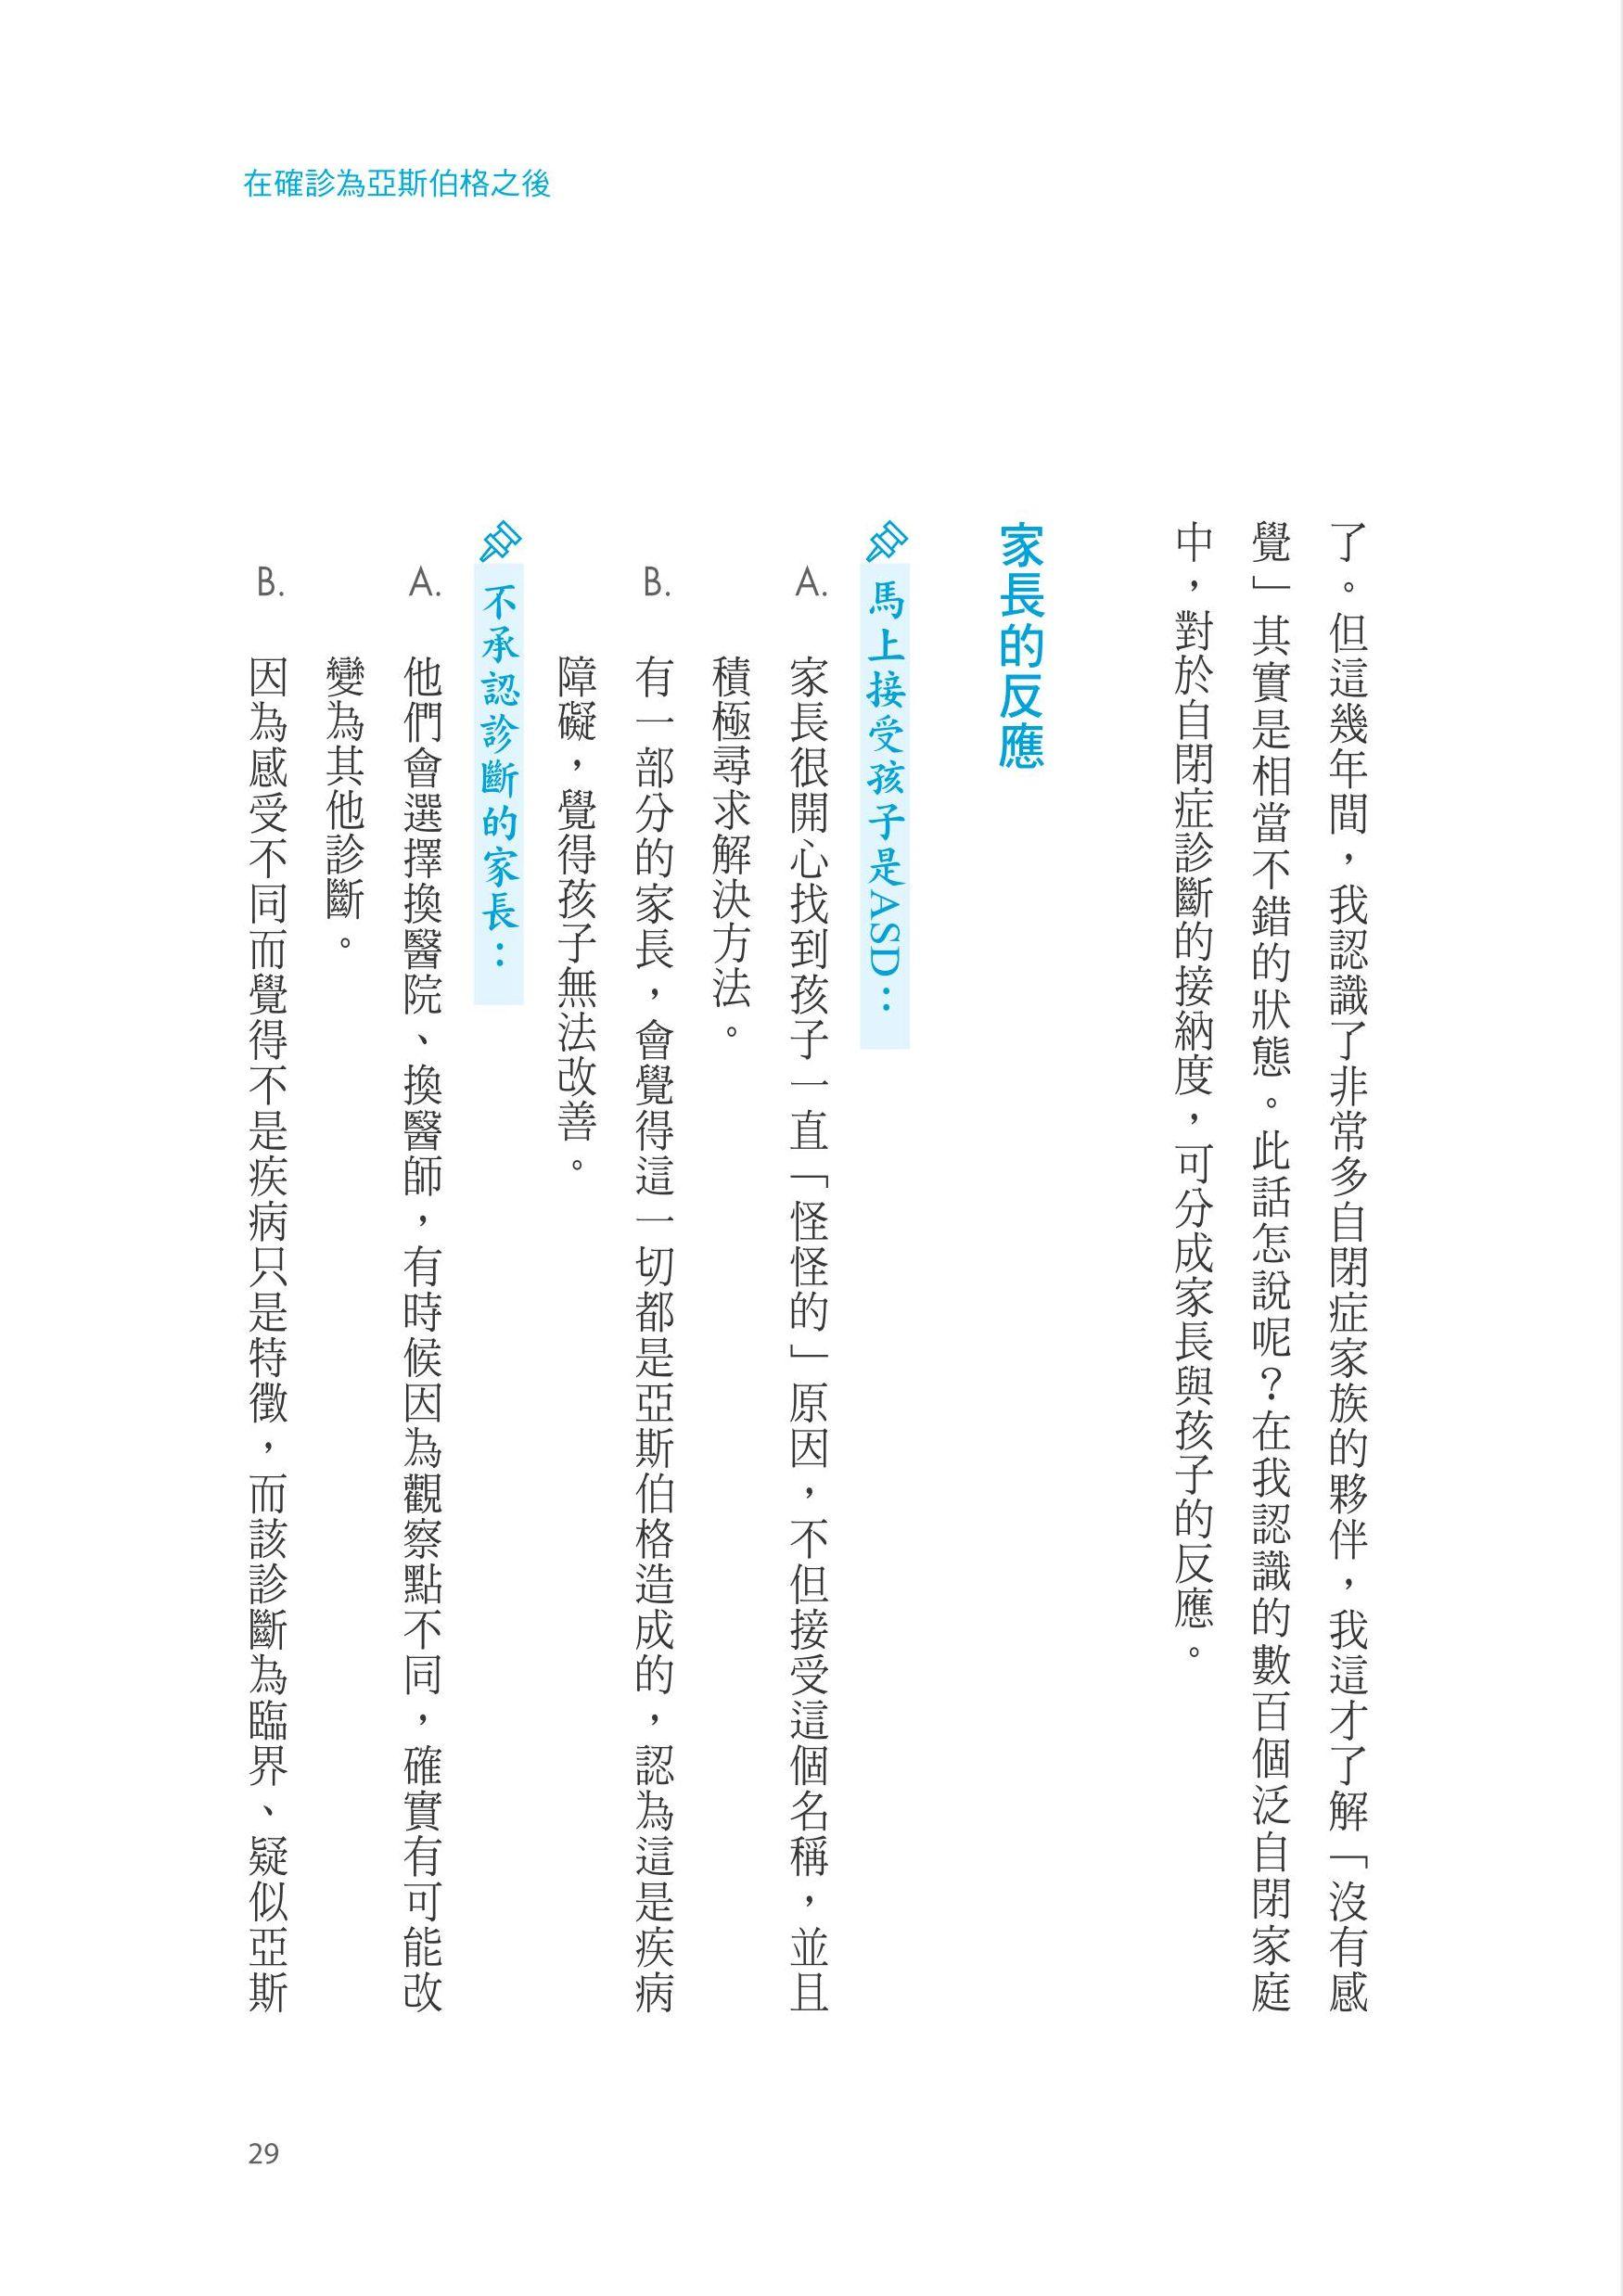 http://im1.book.com.tw/image/getImage?i=http://www.books.com.tw/img/001/070/14/0010701462_b_04.jpg&v=567a7836&w=655&h=609